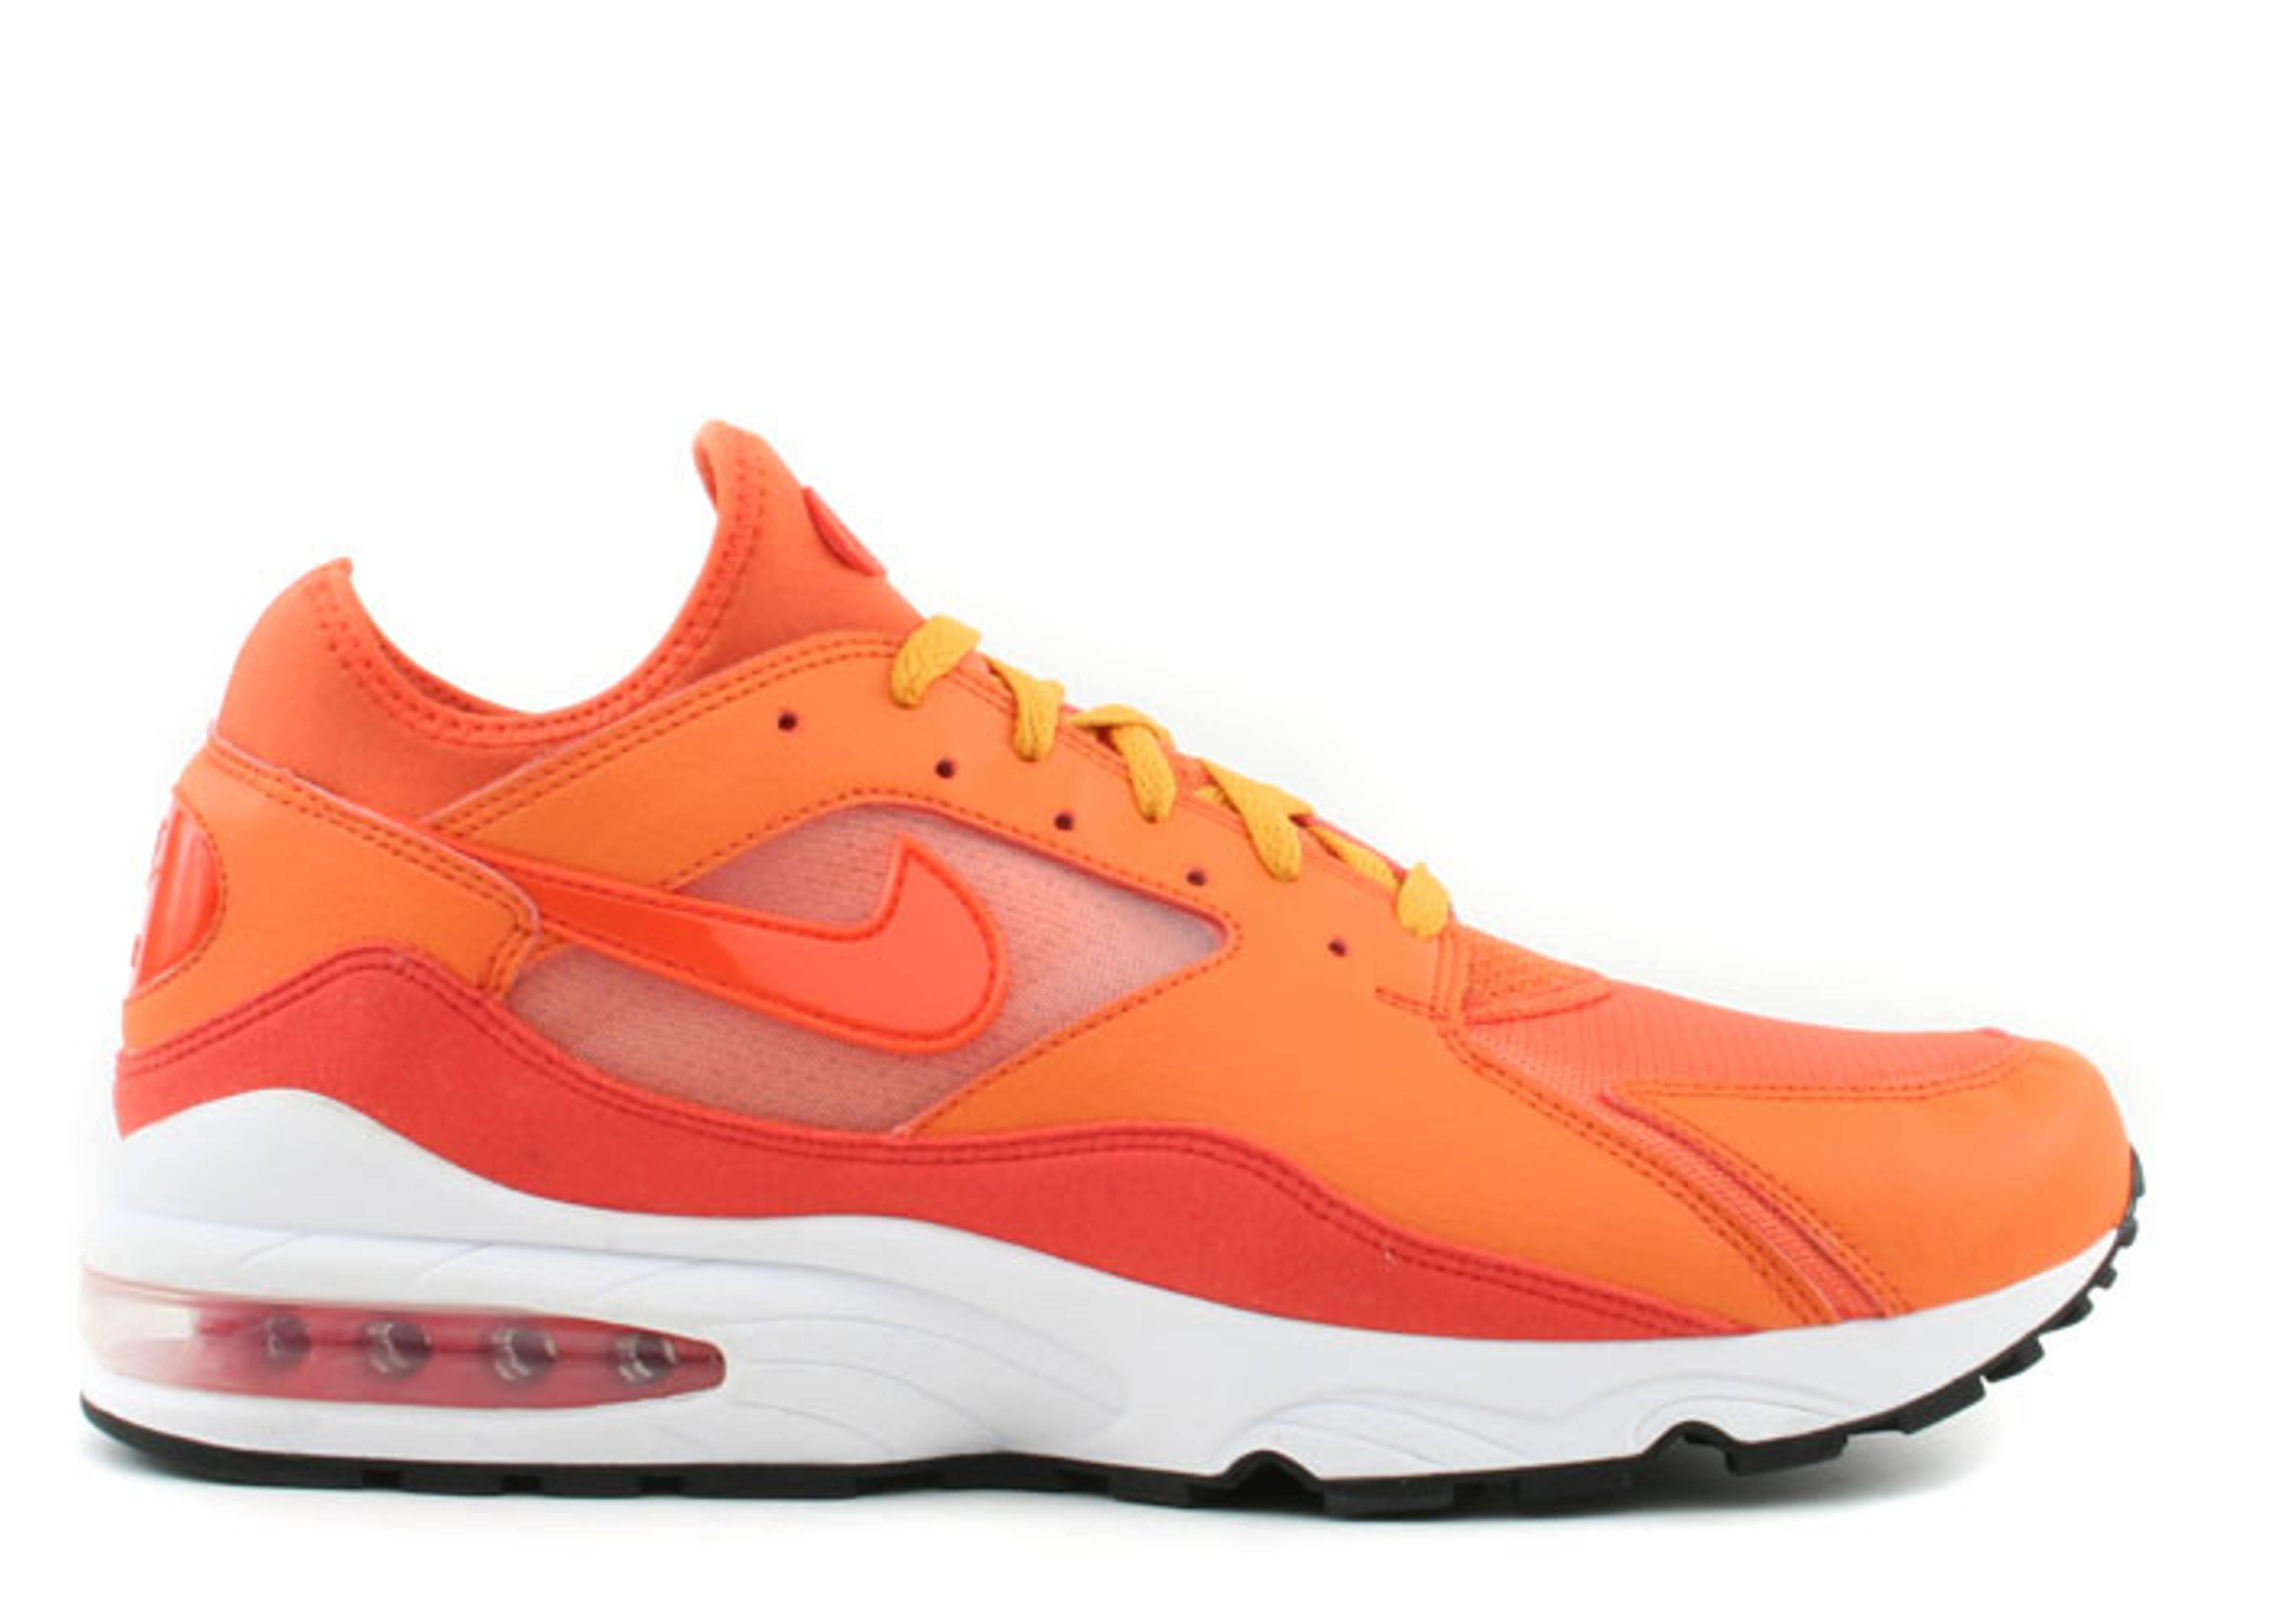 White Nike Socks With Orange Shoes